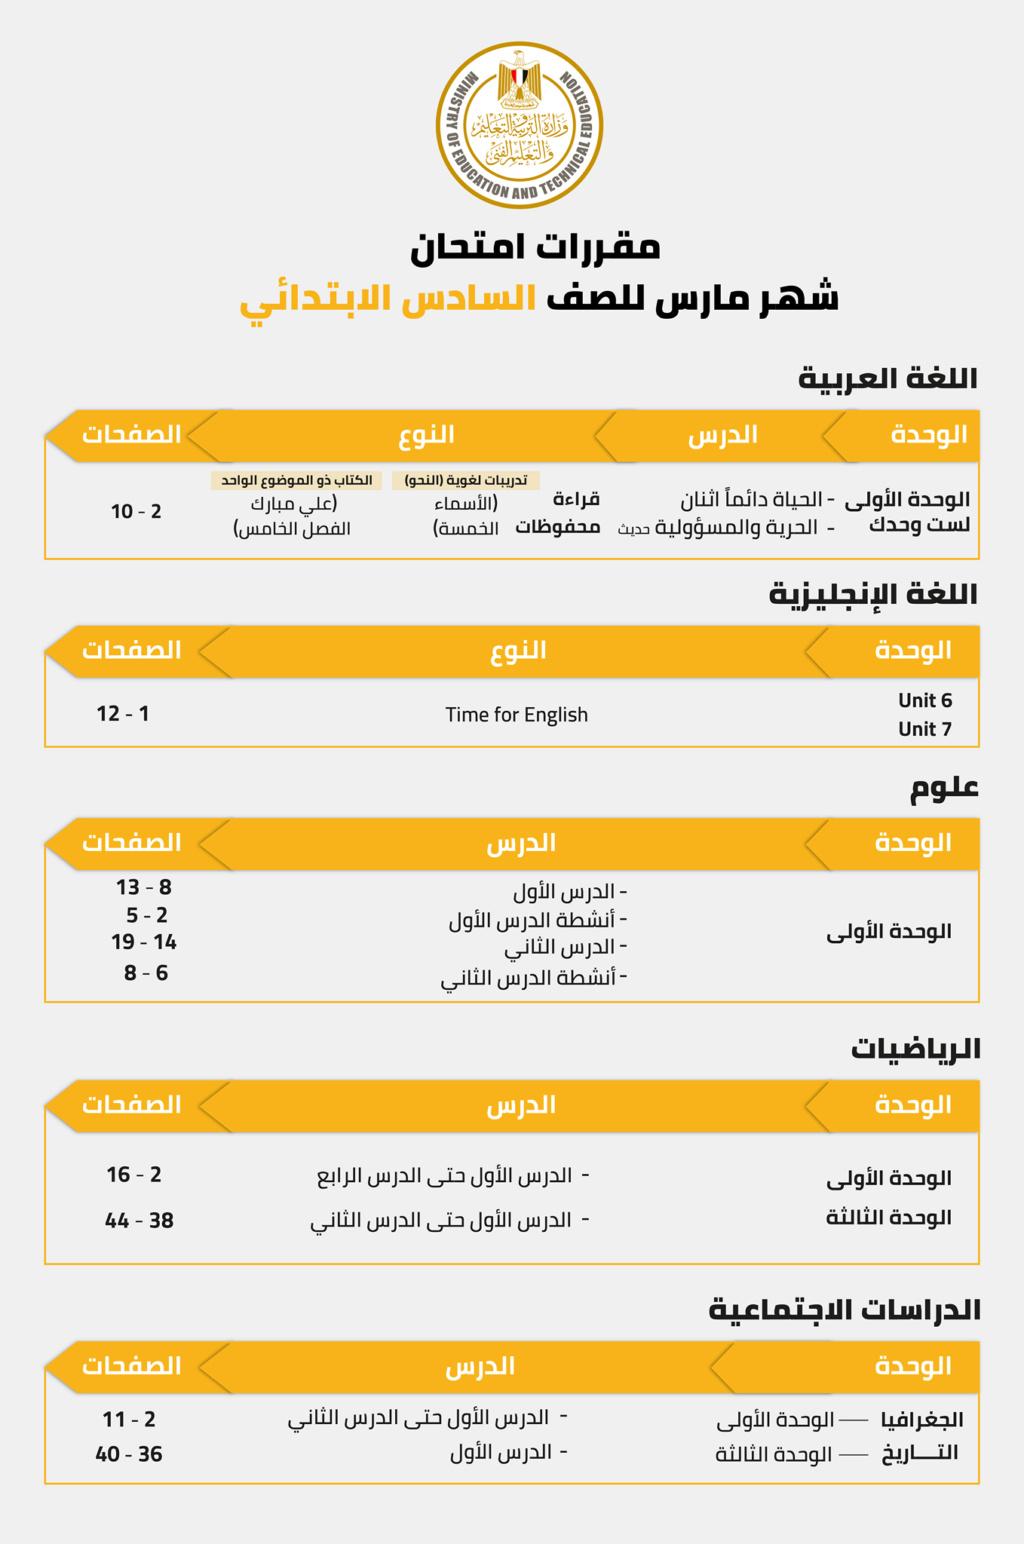 مقررات امتحان شهر مارس للصفوف من الرابع الابتدائي الى الثاني الاعدادي 642